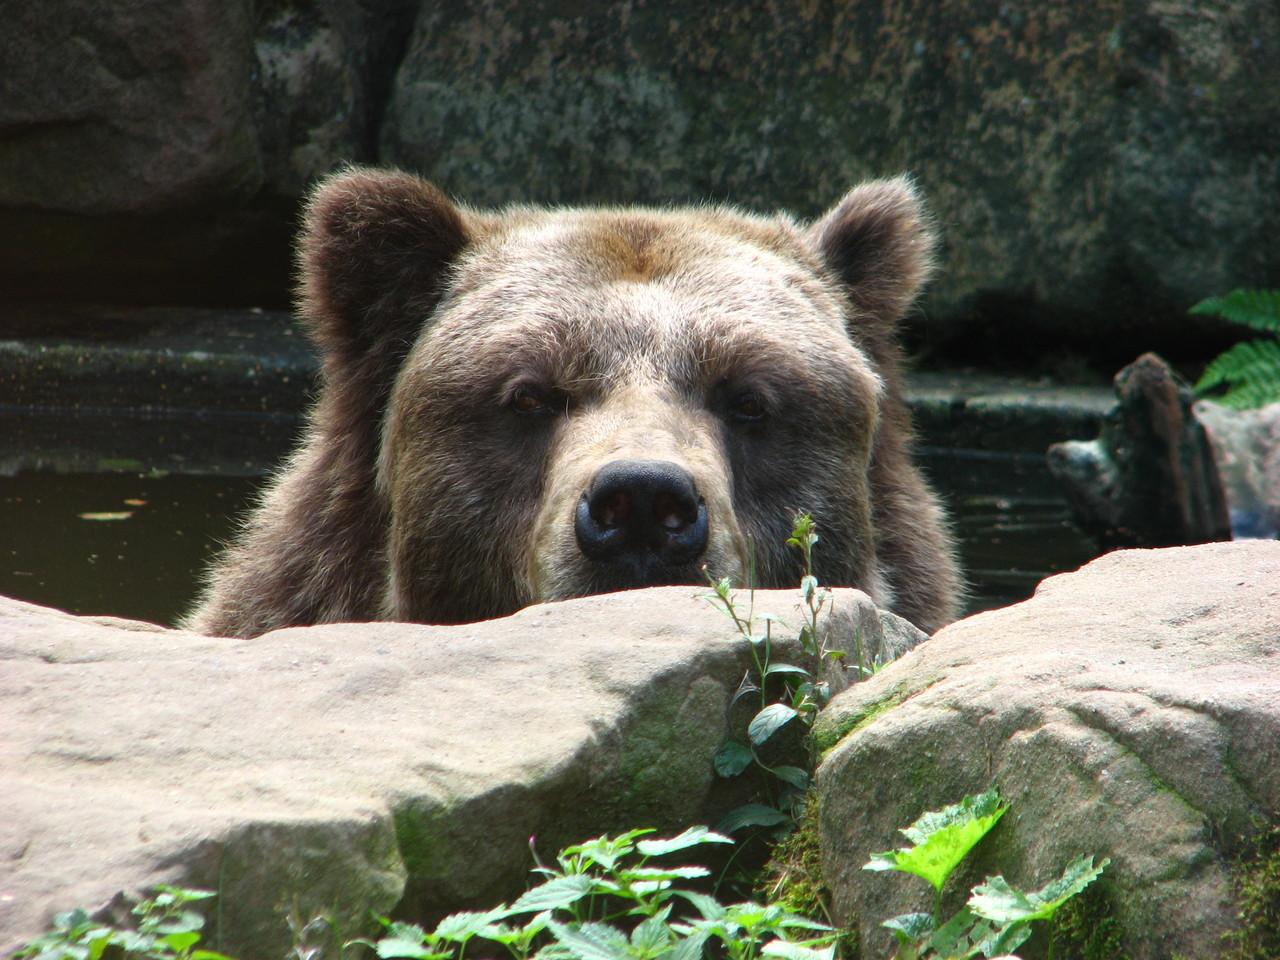 Blickkontakt mit dem echten Bären